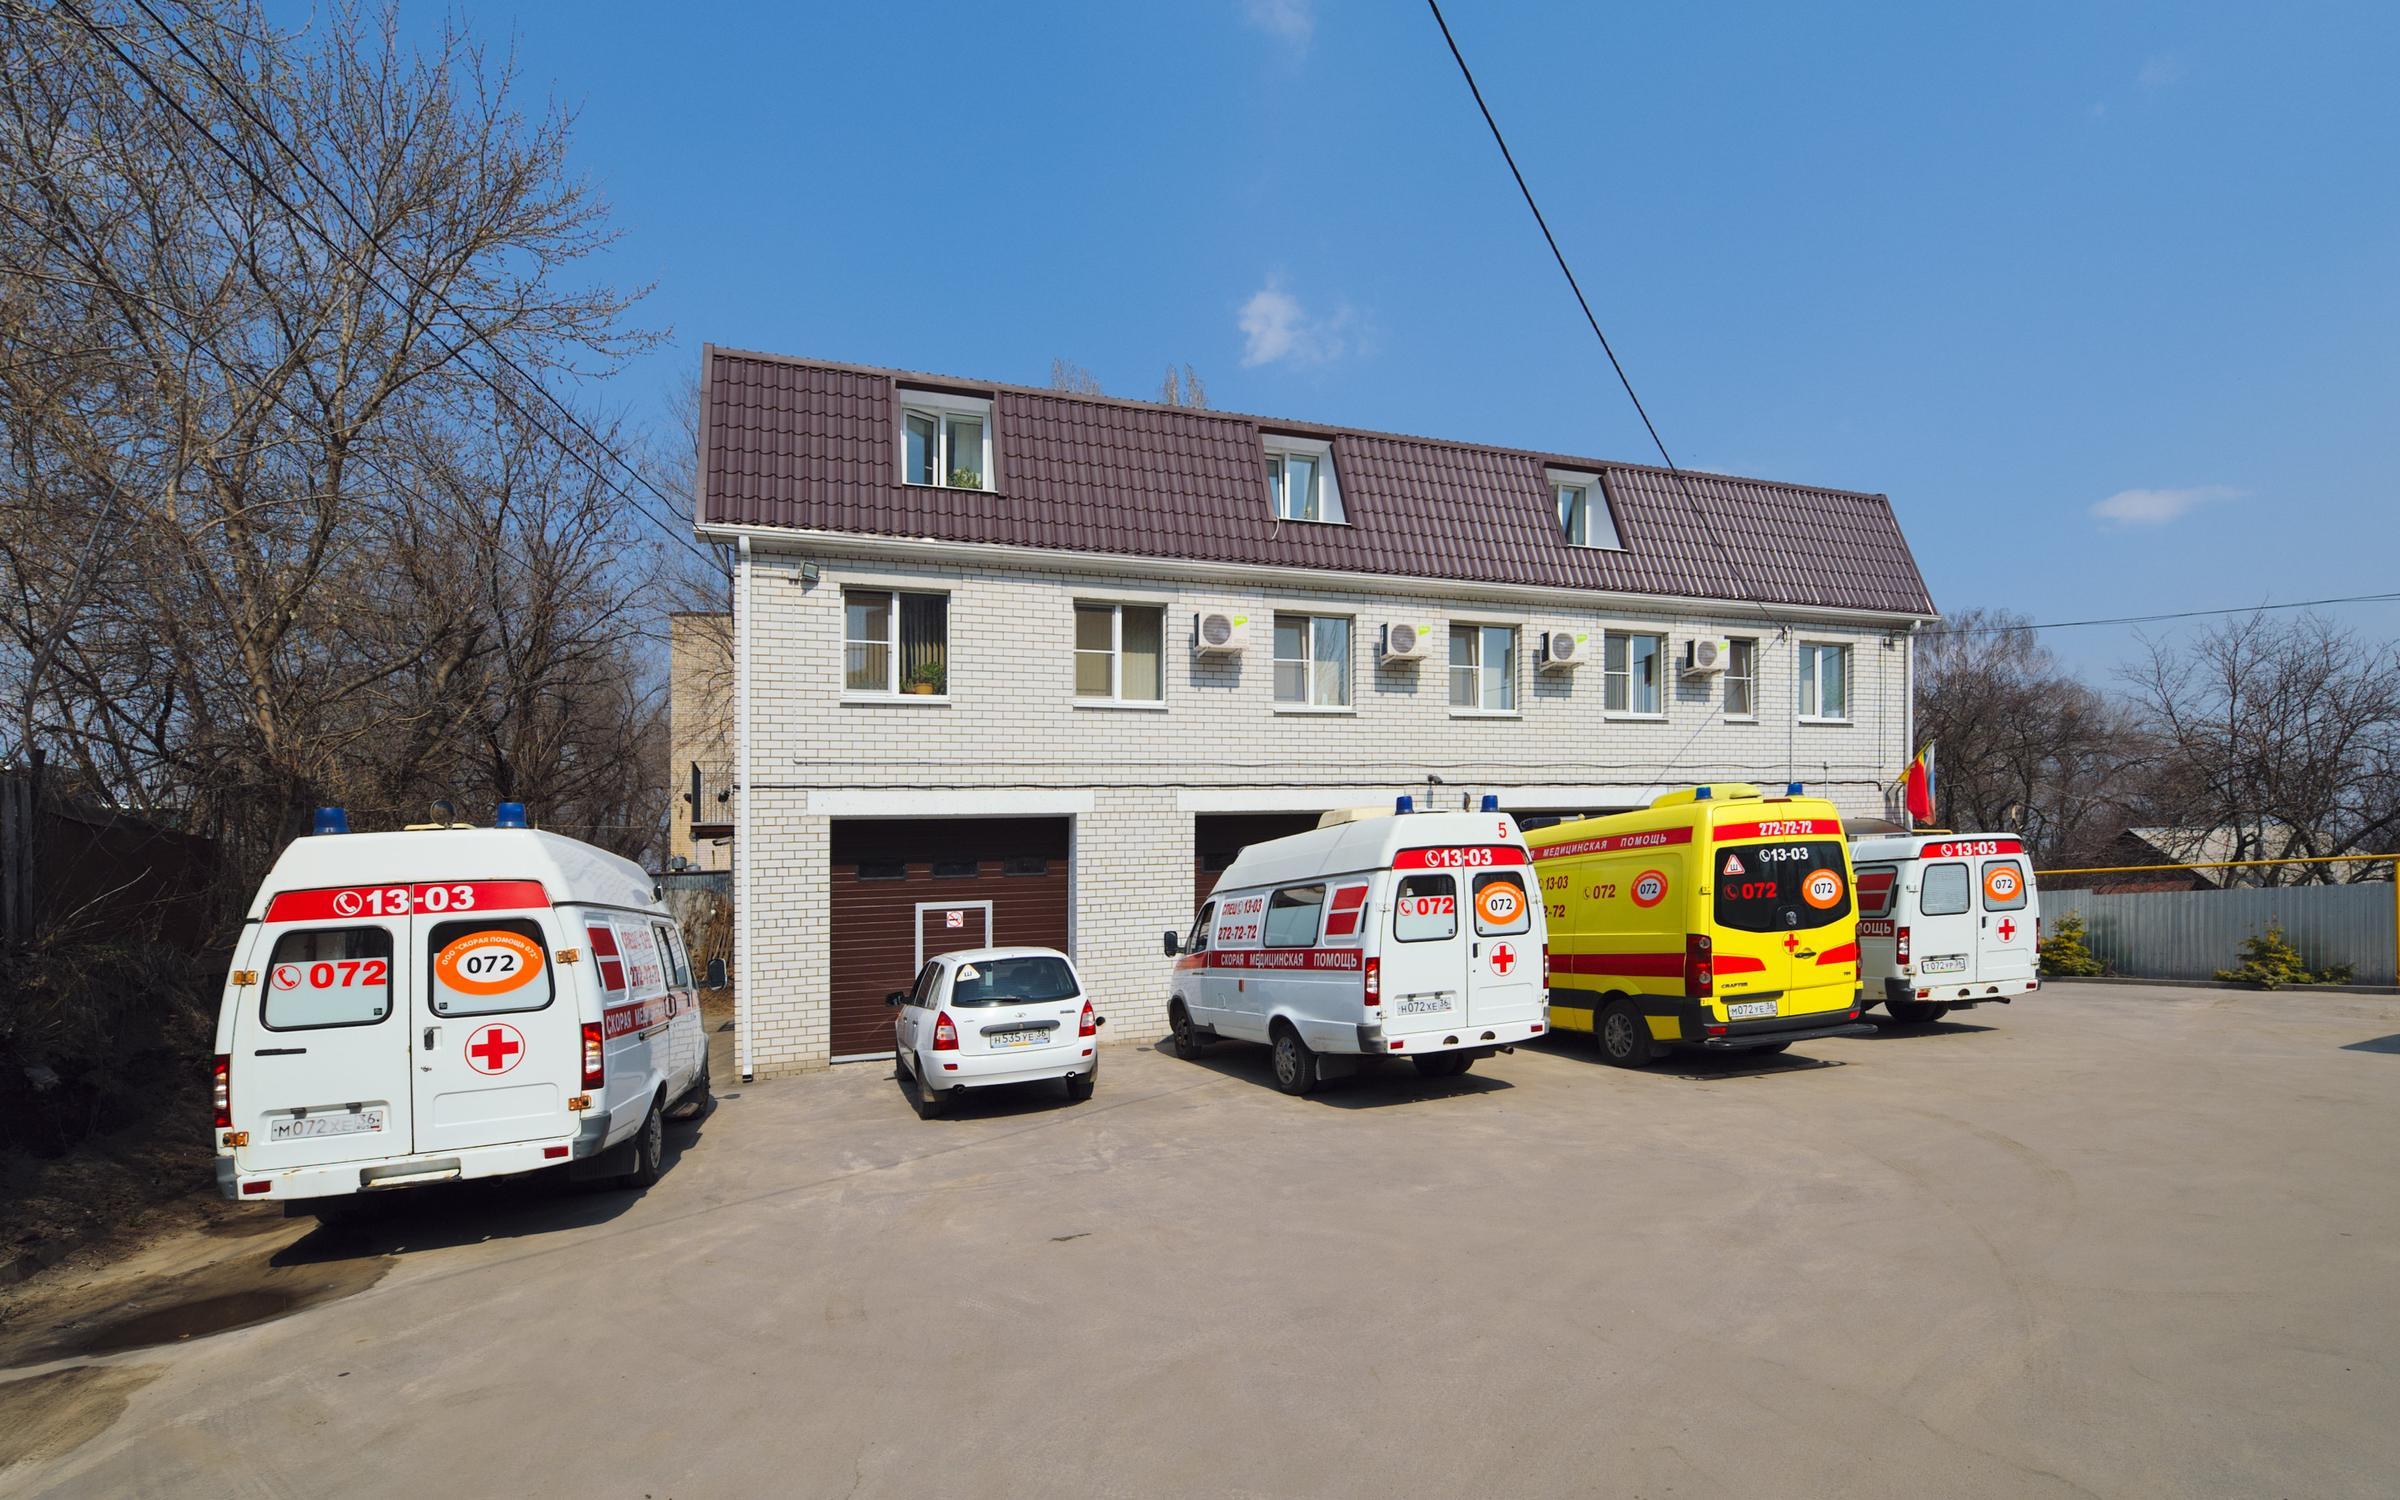 фотография Поликлиники 072 на улице Коммунаров